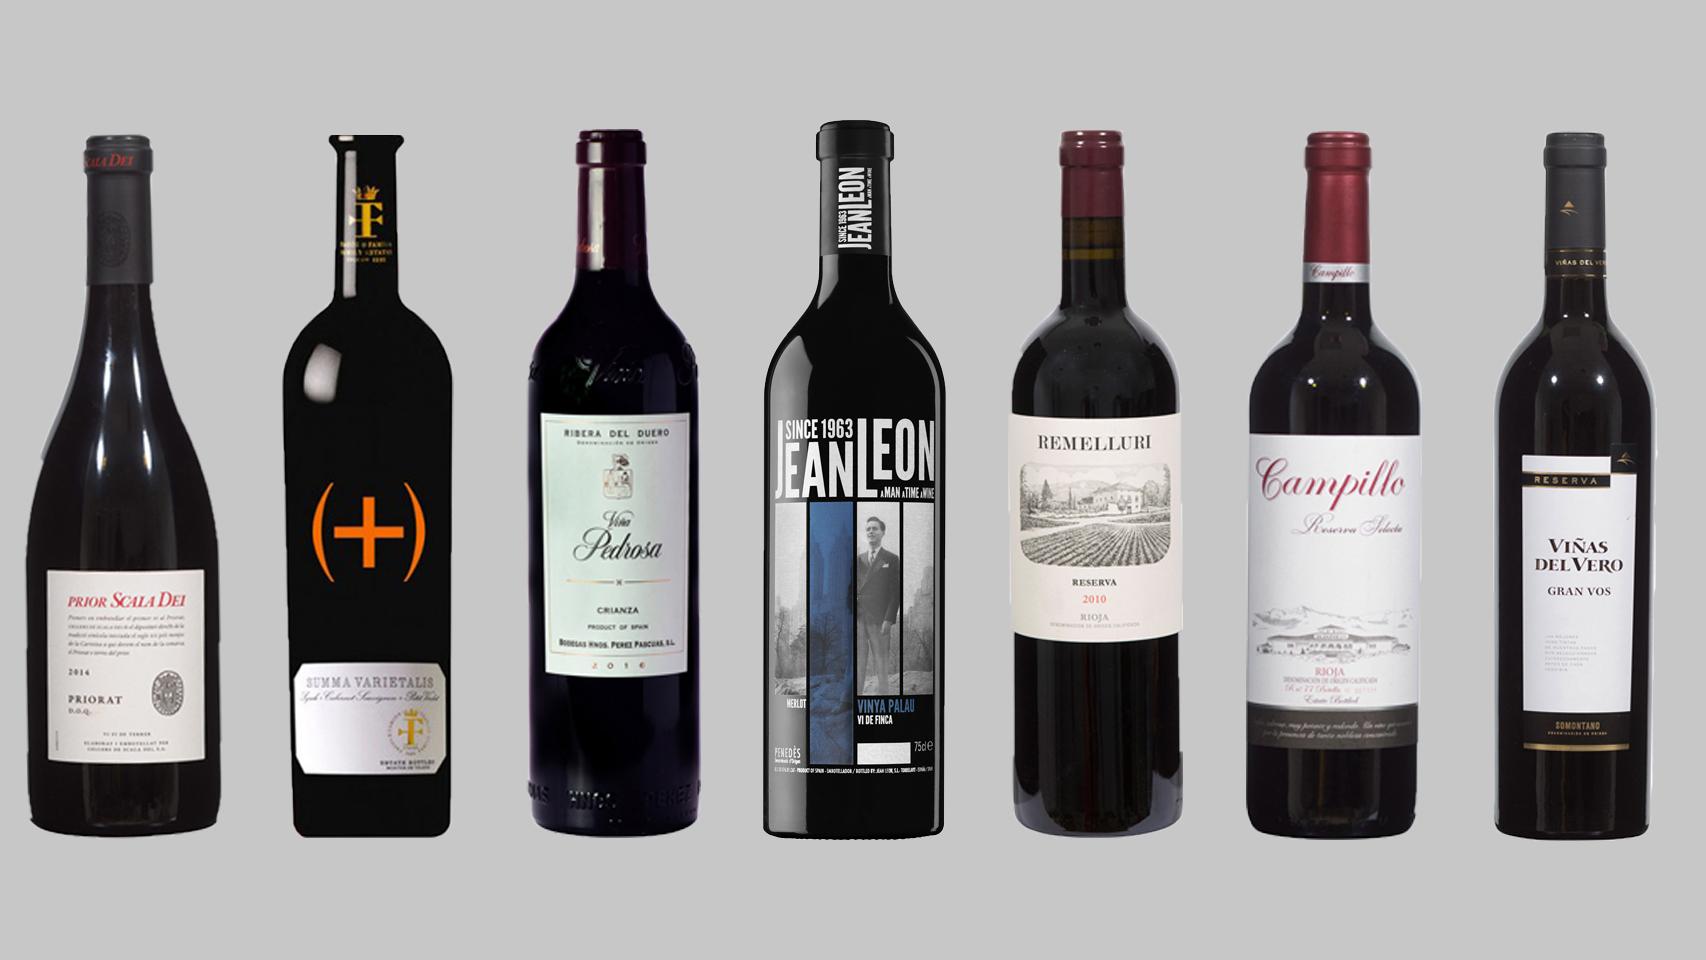 Estos Son Los 12 Mejores Vinos Tintos De España Según La Ocu Se Pueden Comprar Desde 7 Hasta 24